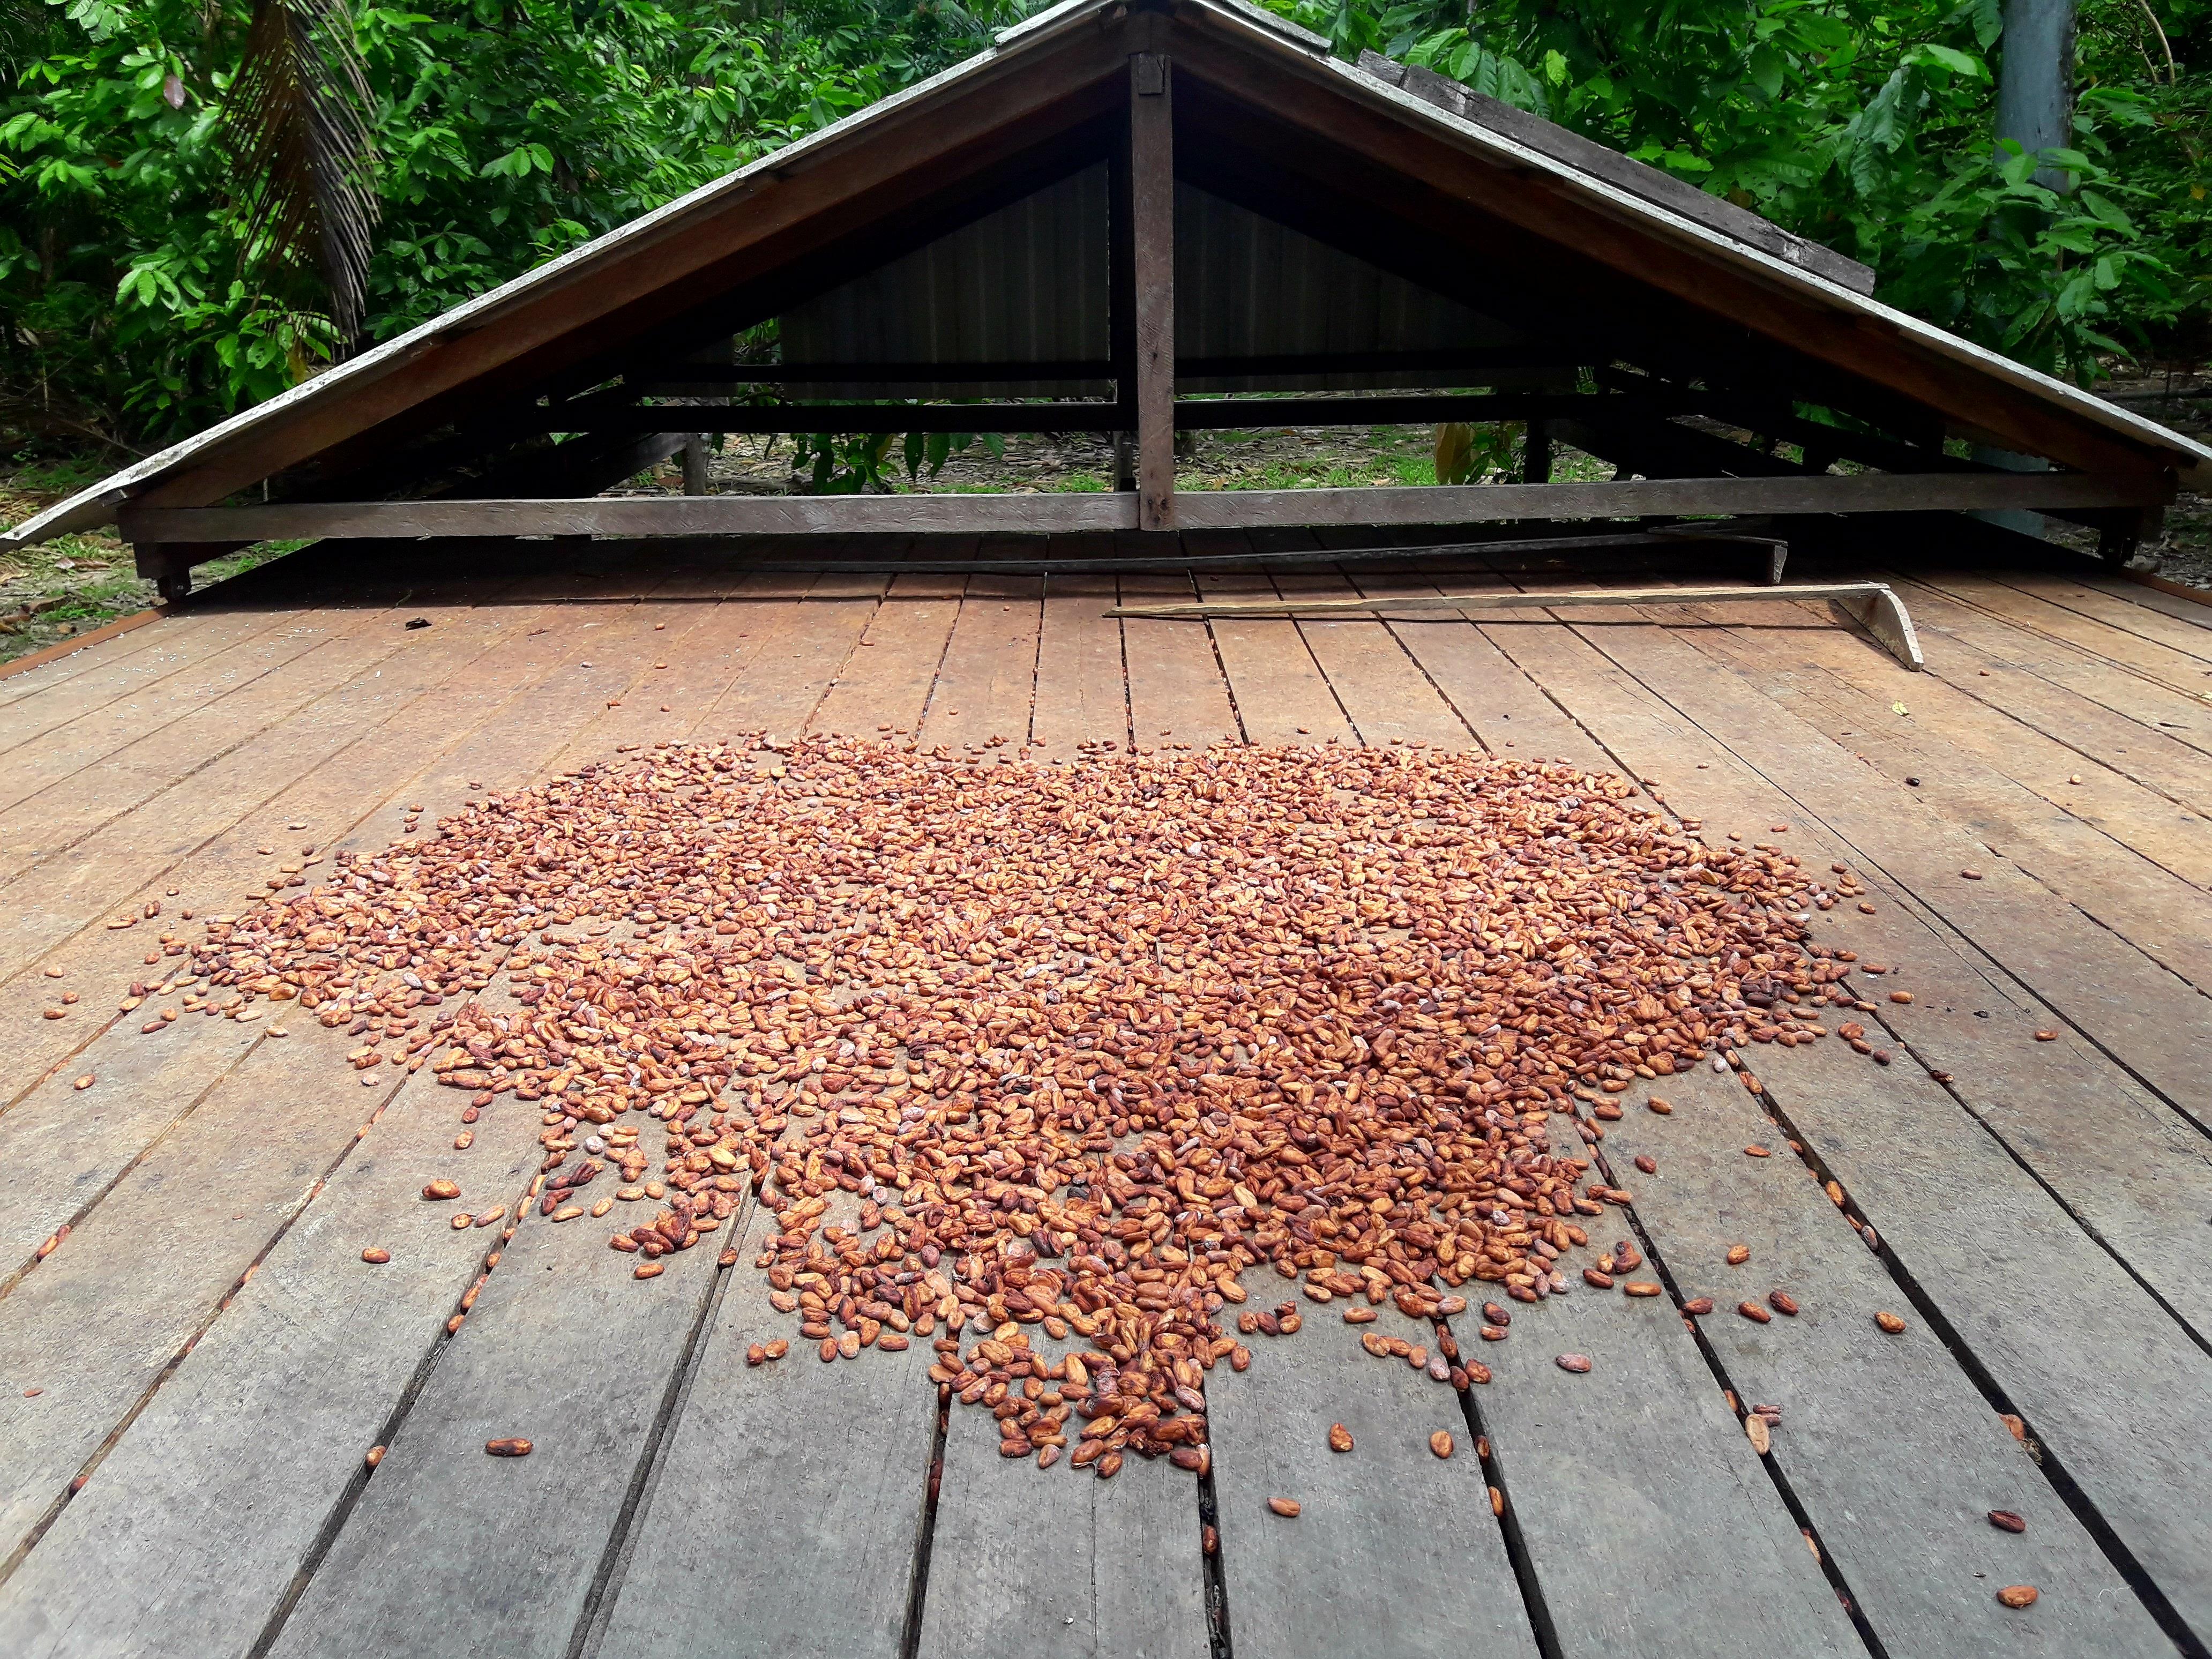 Secagem da semente